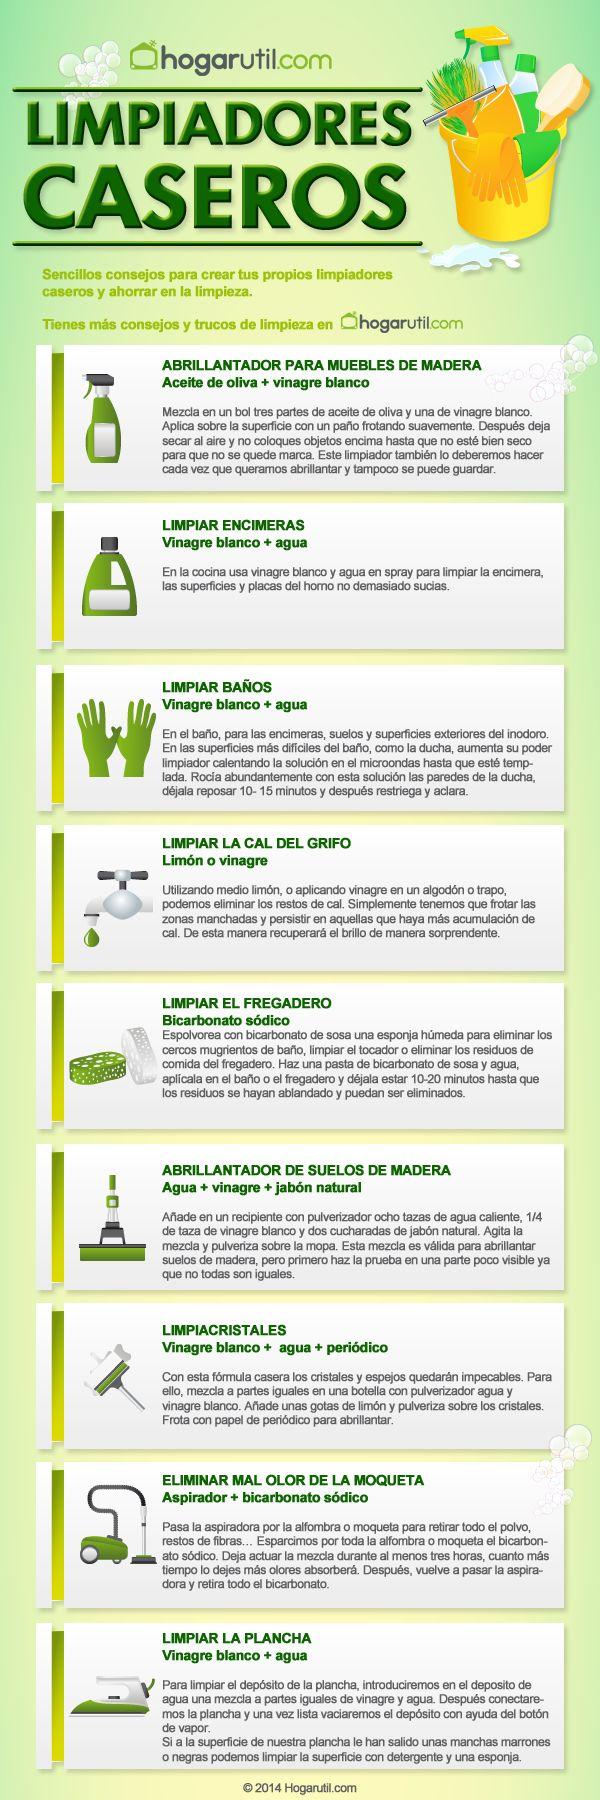 La importancia del vinagre blanco para no gastar una fortuna en productos de limpieza poco ecológicos: | 18 Datos gráficos que todo el mundo necesita saber en la vida